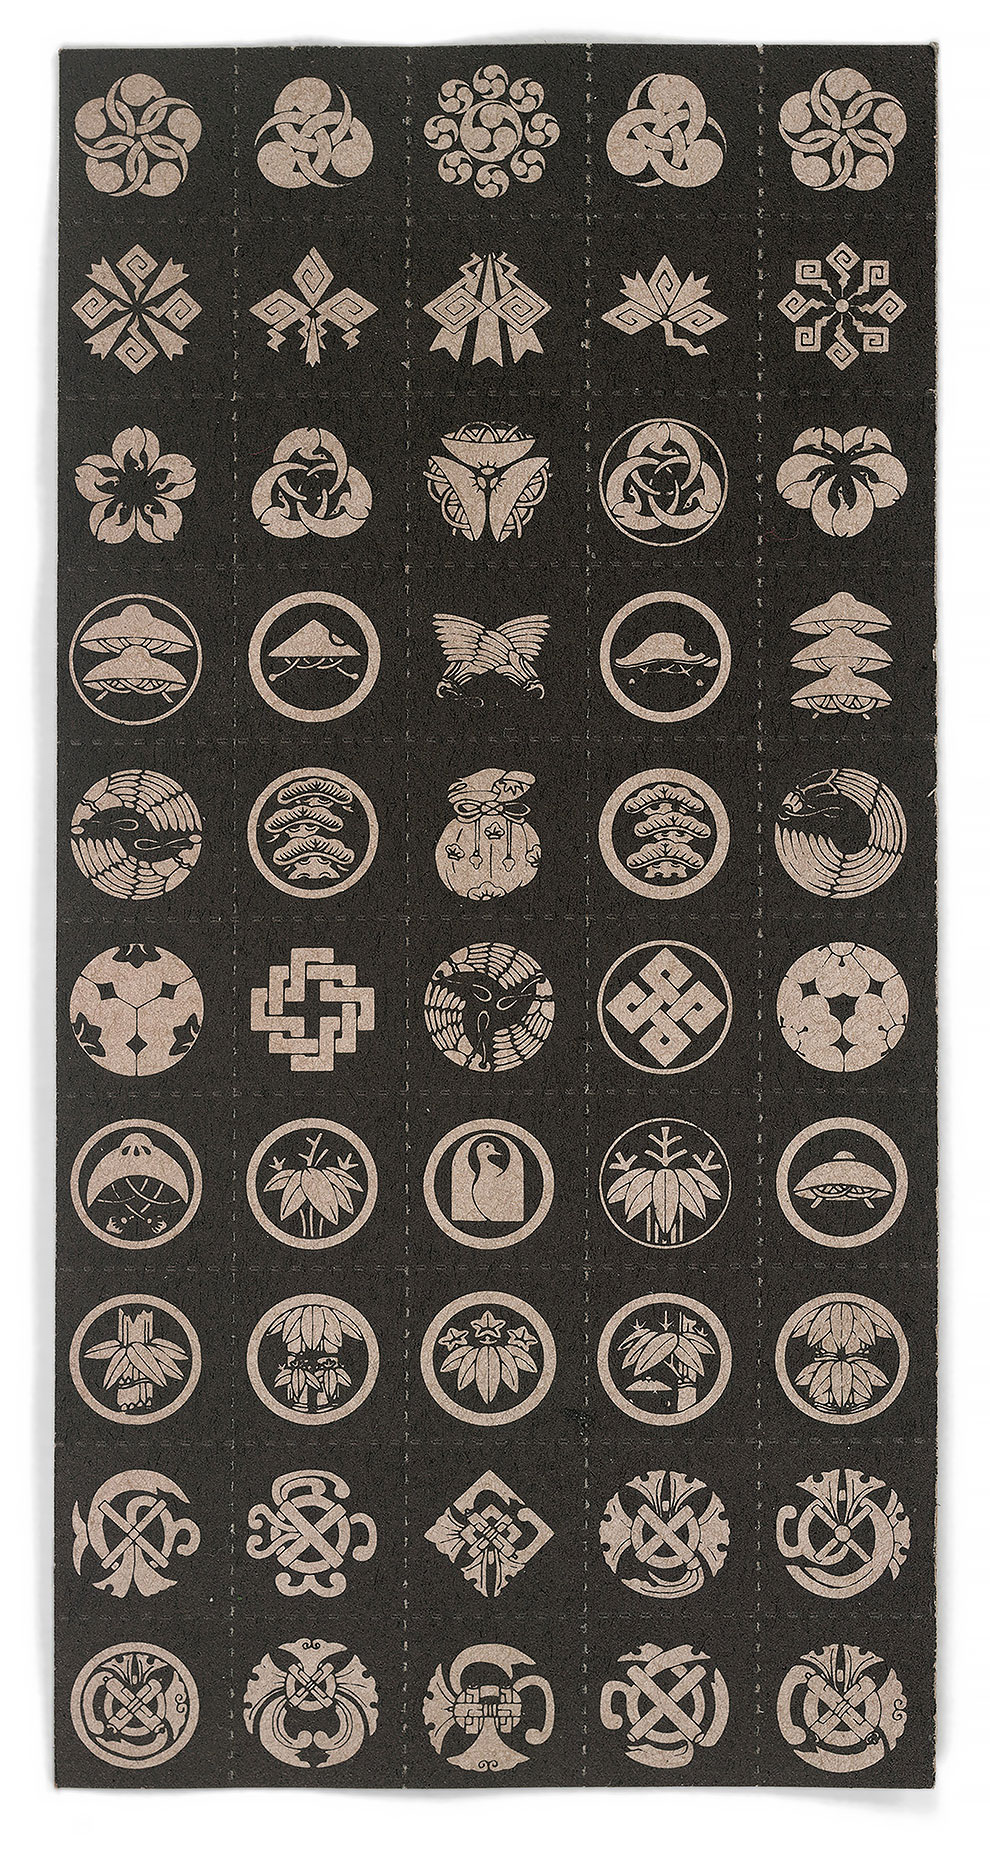 גלויות אסיד LSD סמלים יפנים